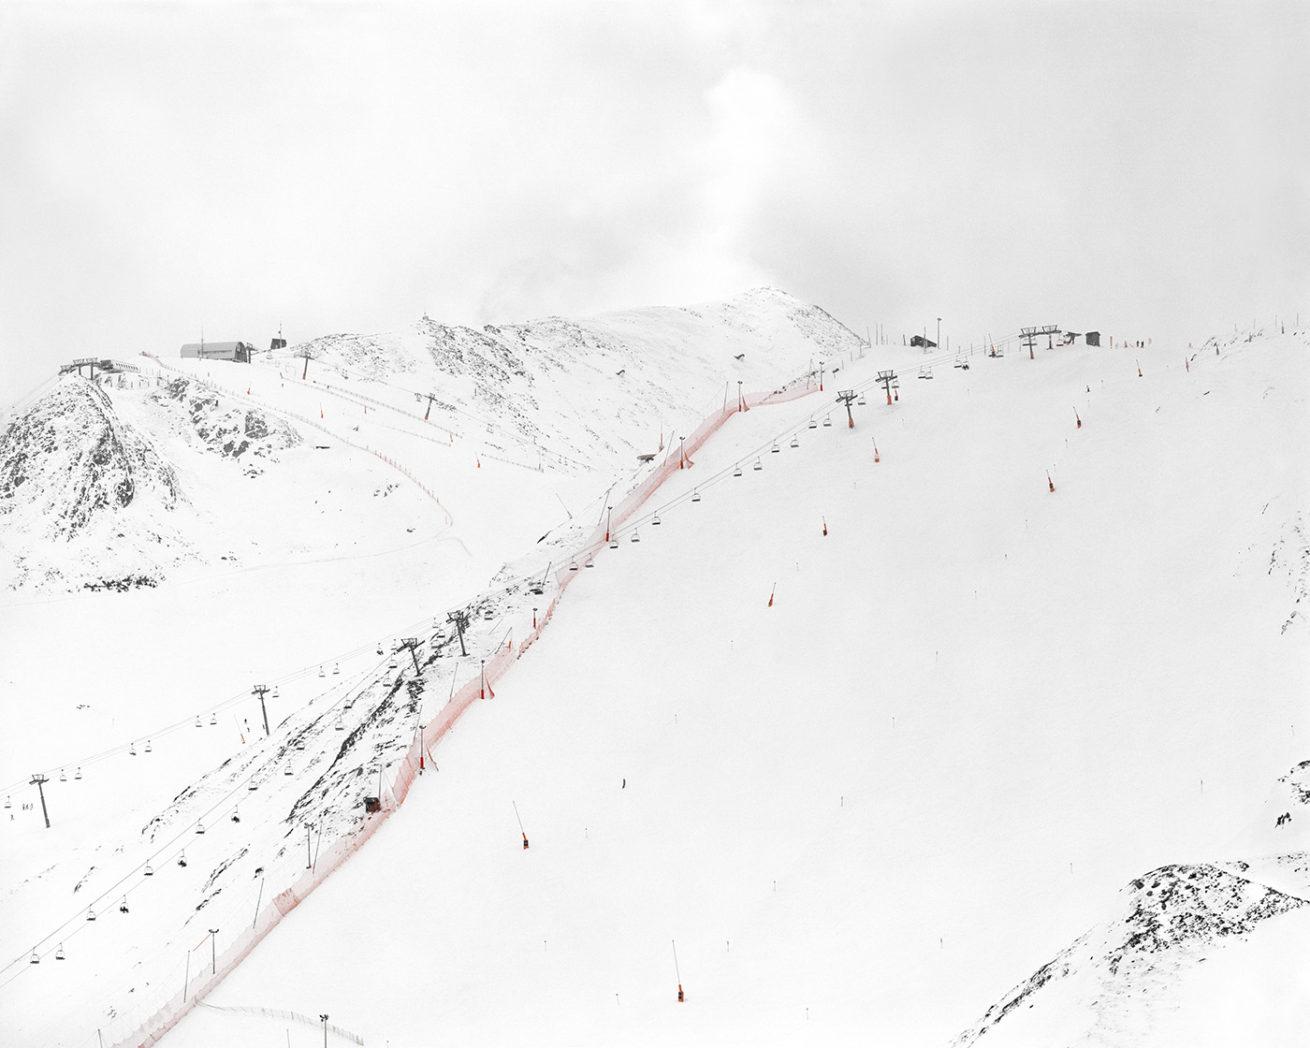 Richard Petit - Cheap Land - Untitled - 07_40